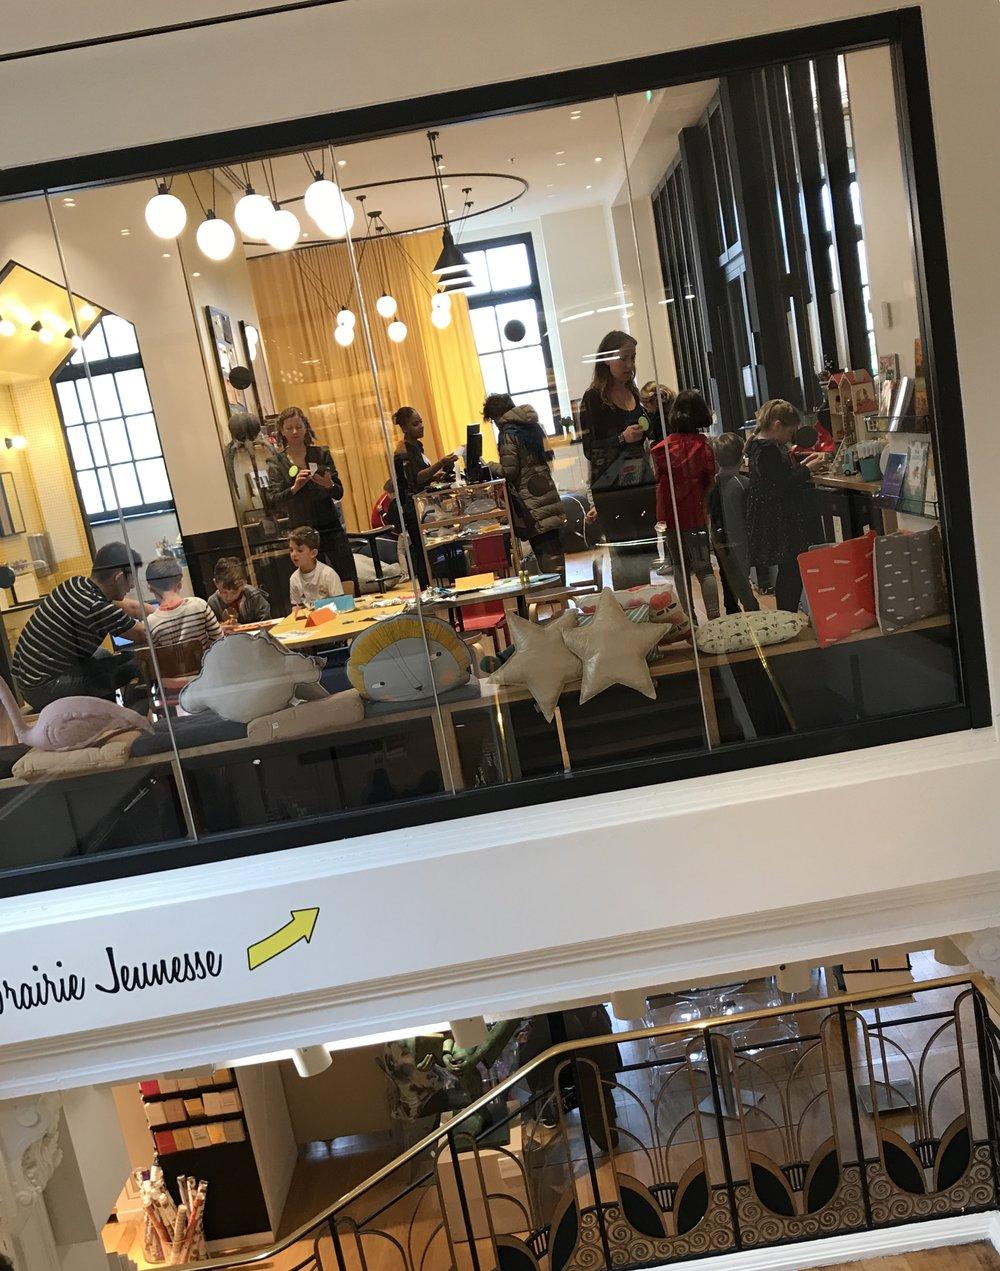 Le Bon marché shop for kids in Paris